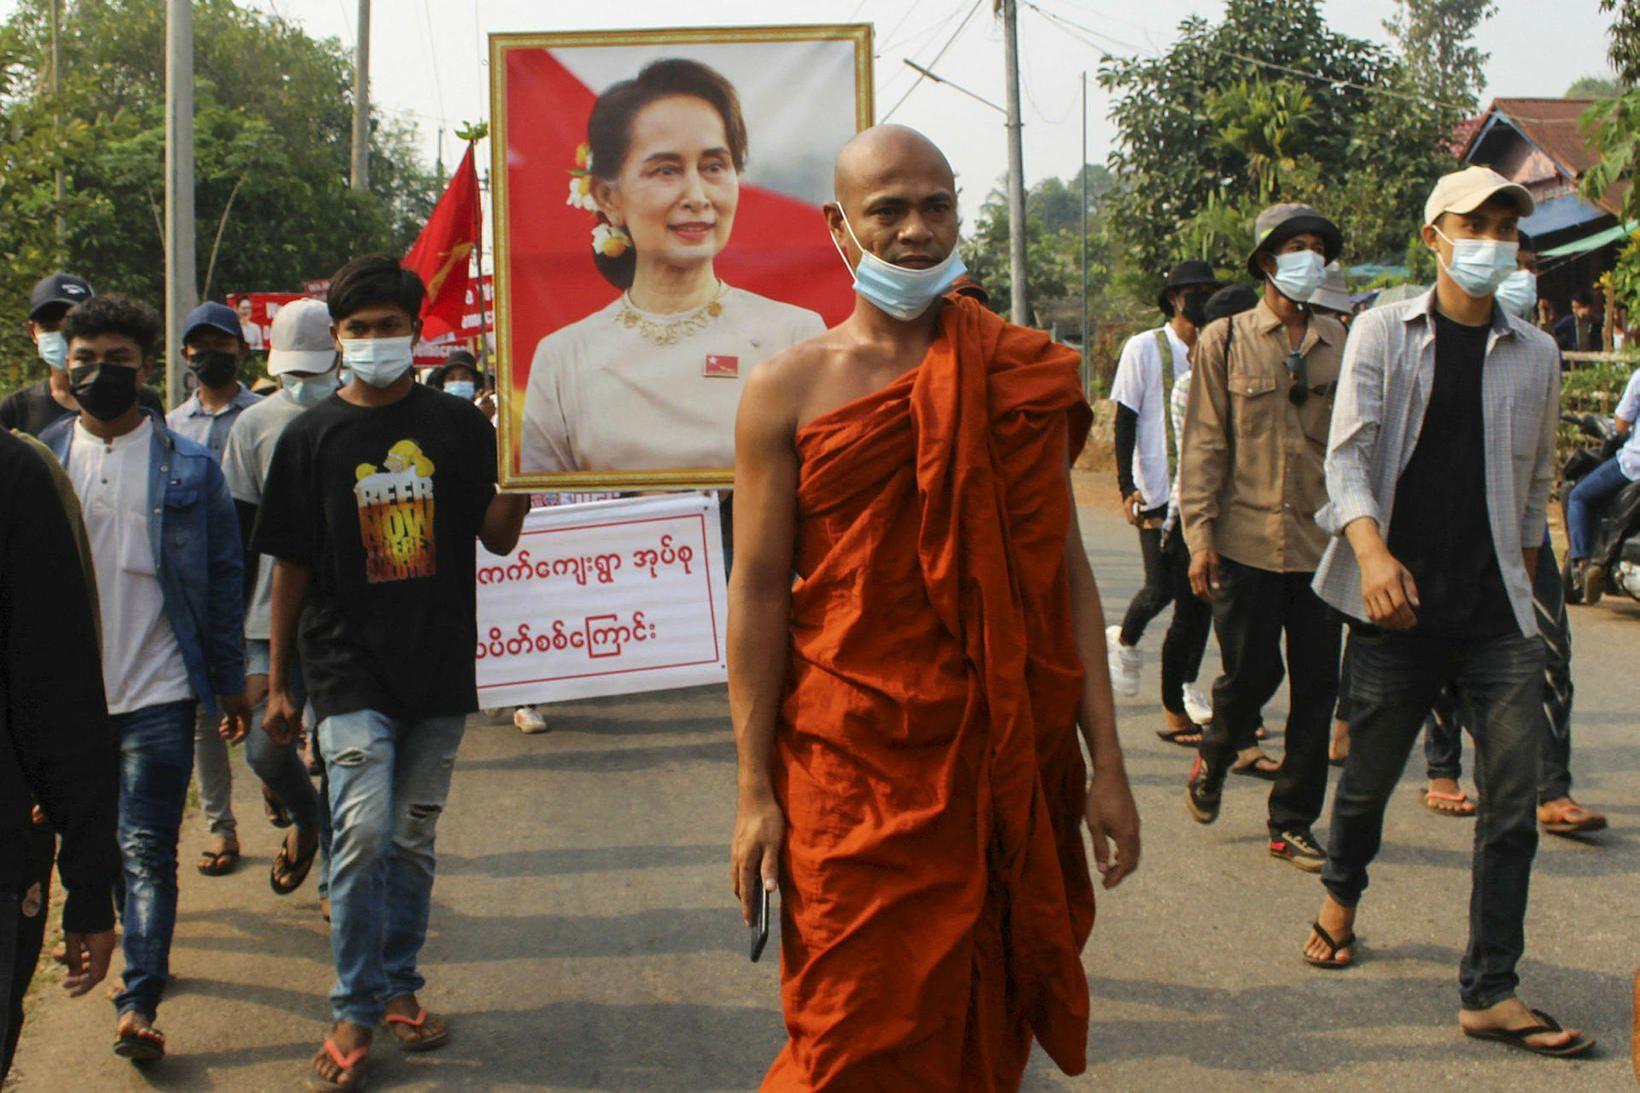 Mótmælendur ganga um götur Mjanmar.